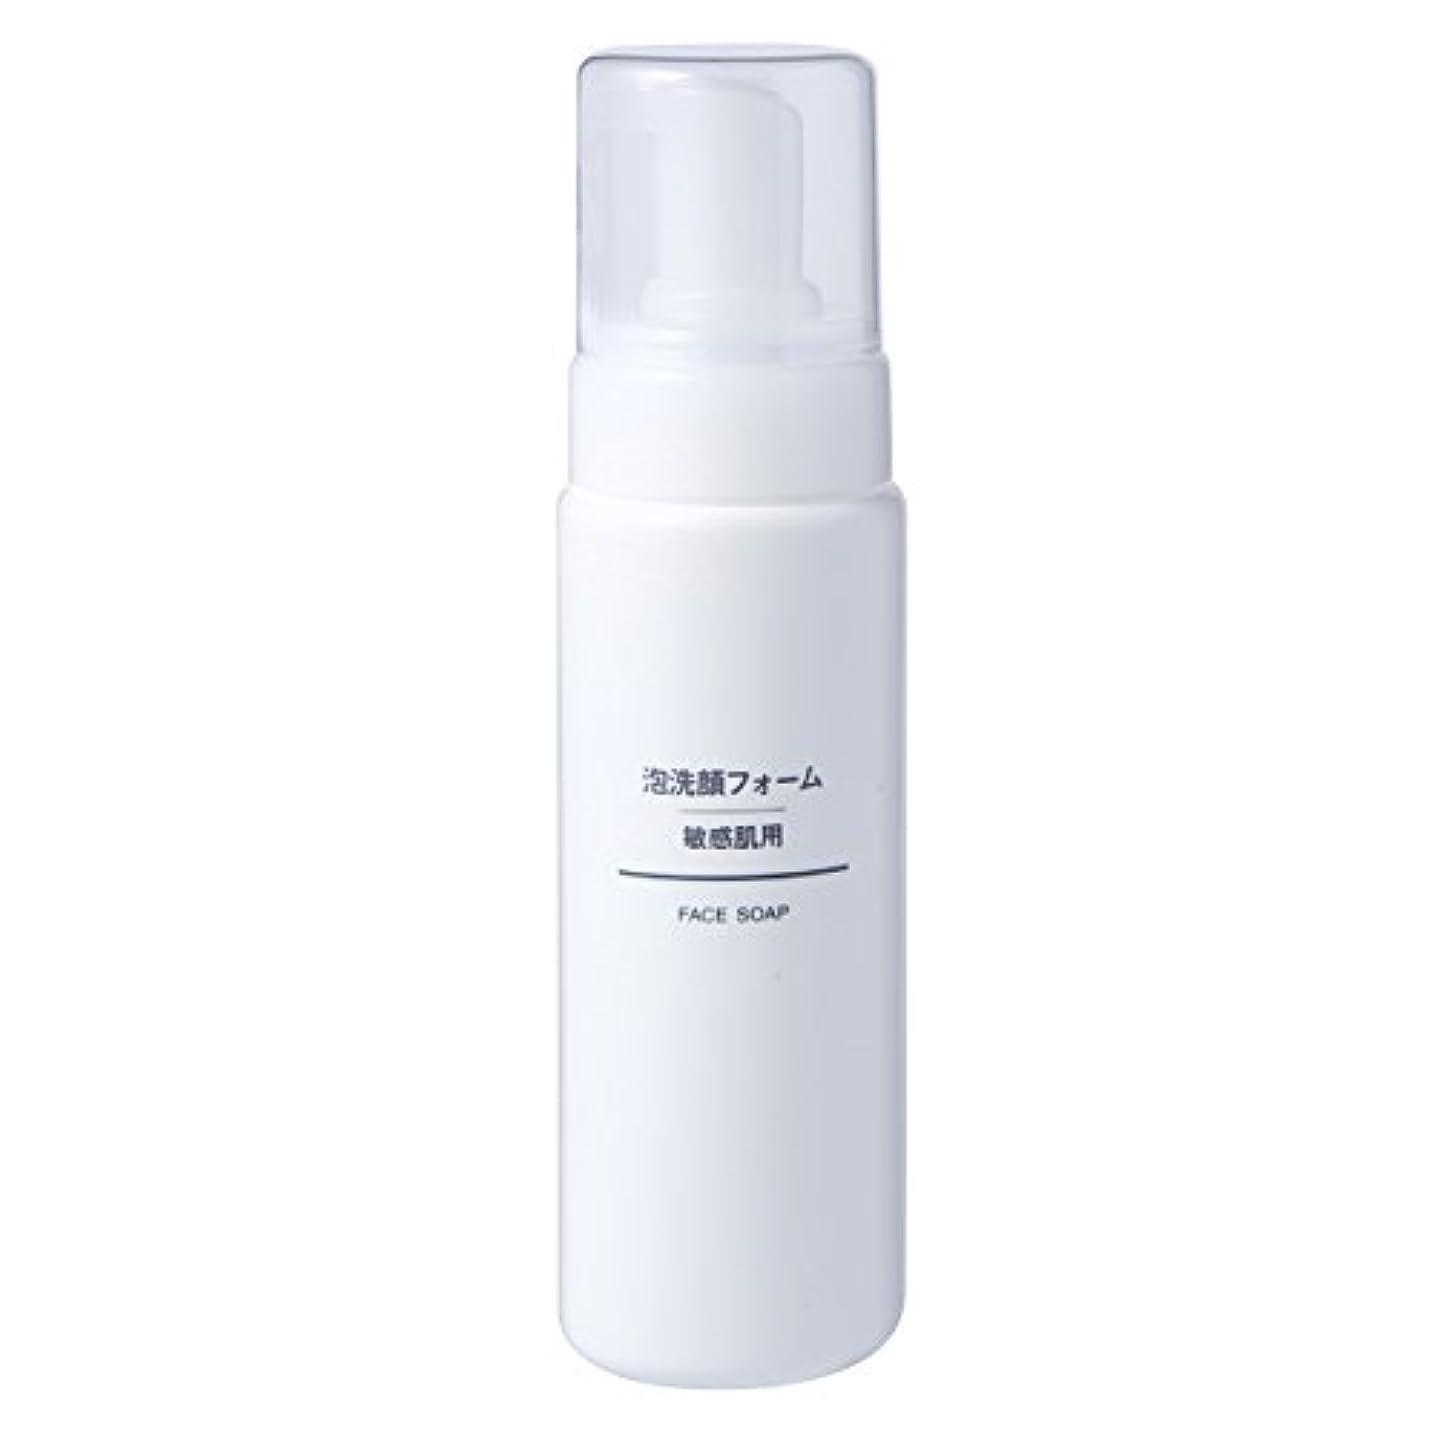 霧繕う後ろ、背後、背面(部無印良品 泡洗顔フォーム 敏感肌用 200ml